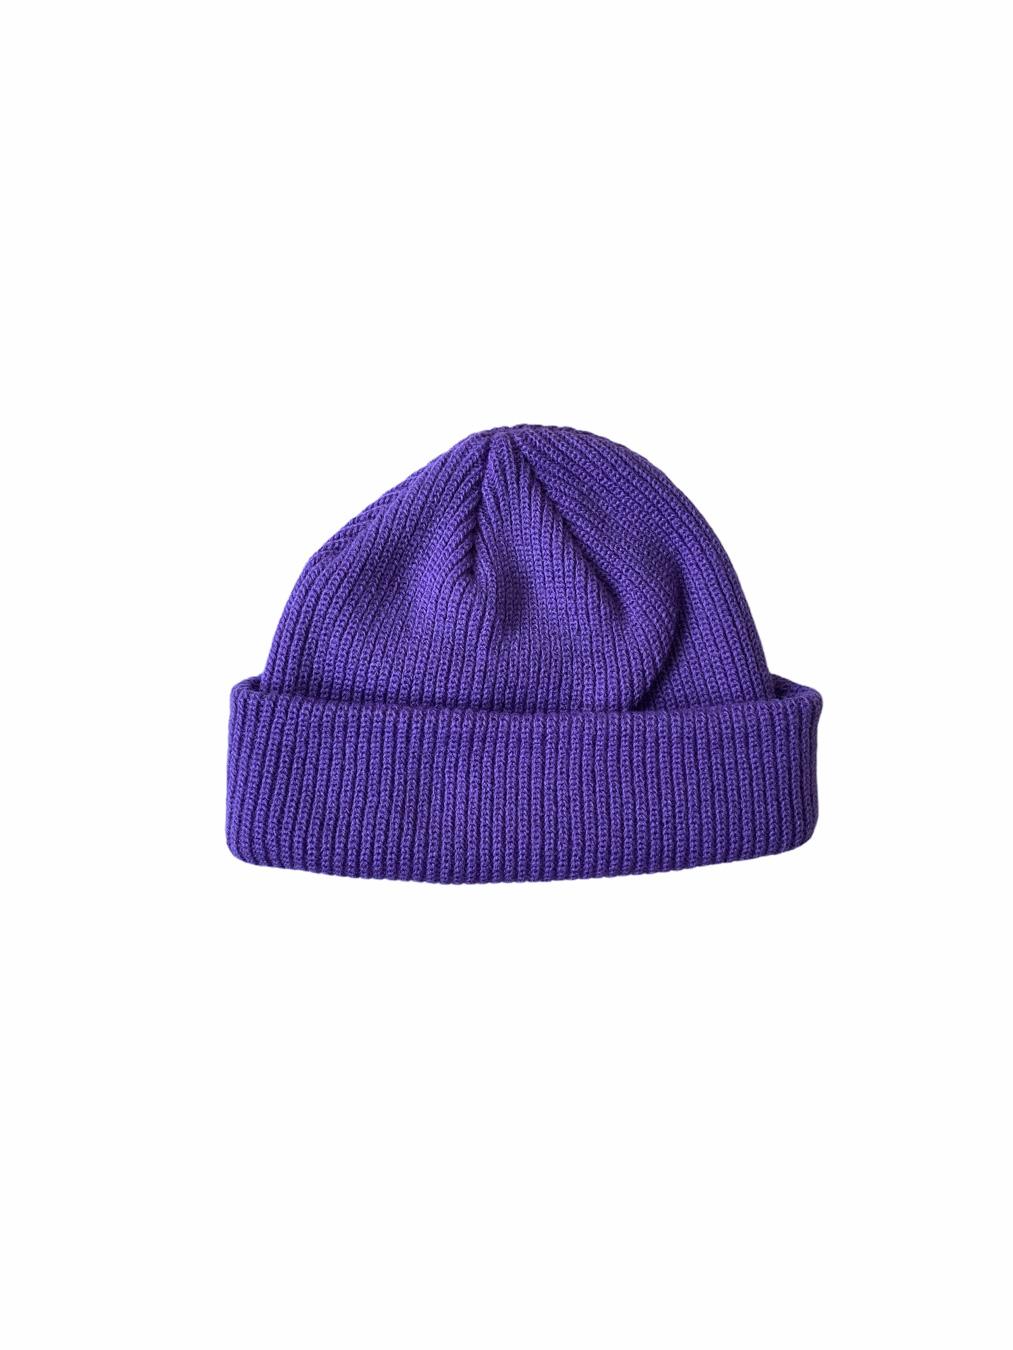 Watch Cap (purple)